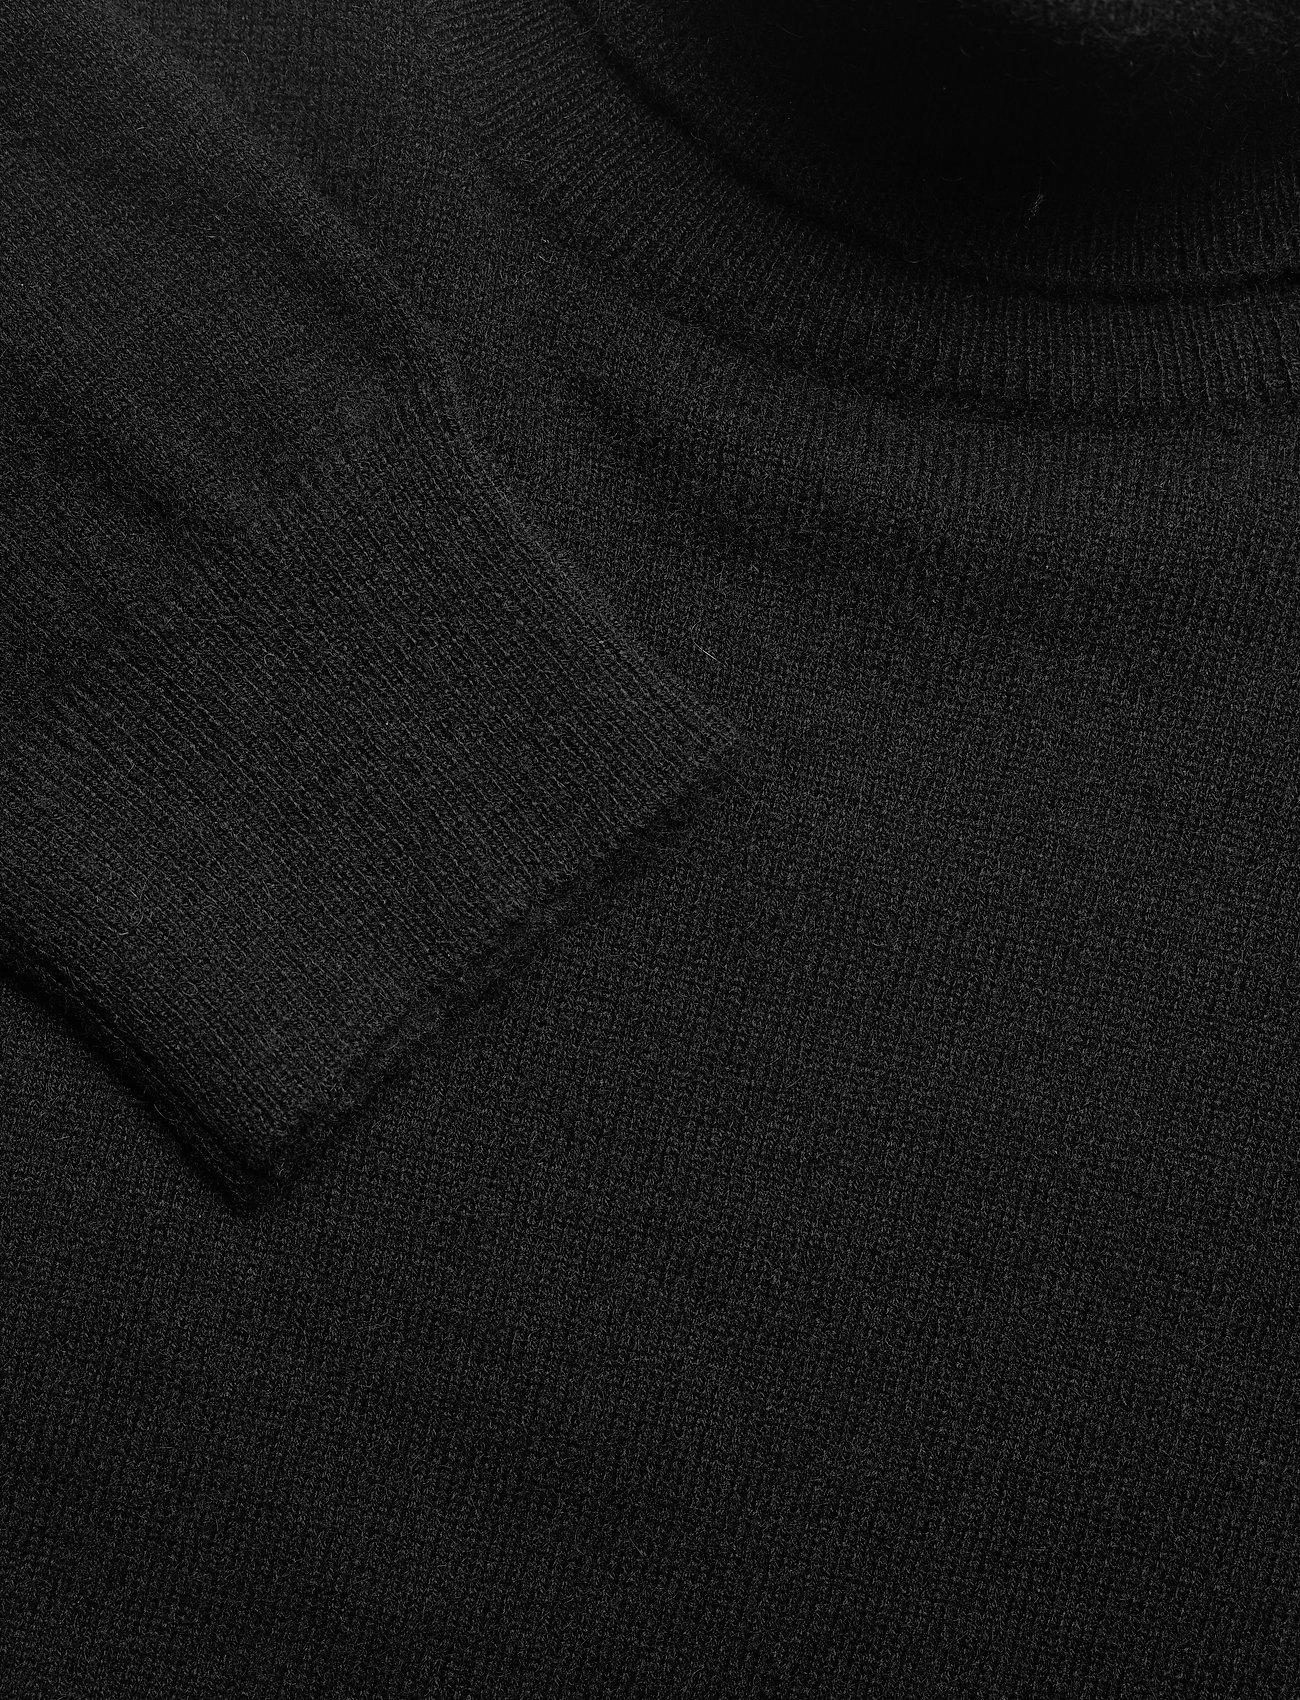 Davida Cashmere Man Turtleneck - Strikkevarer BLACK - Menn Klær